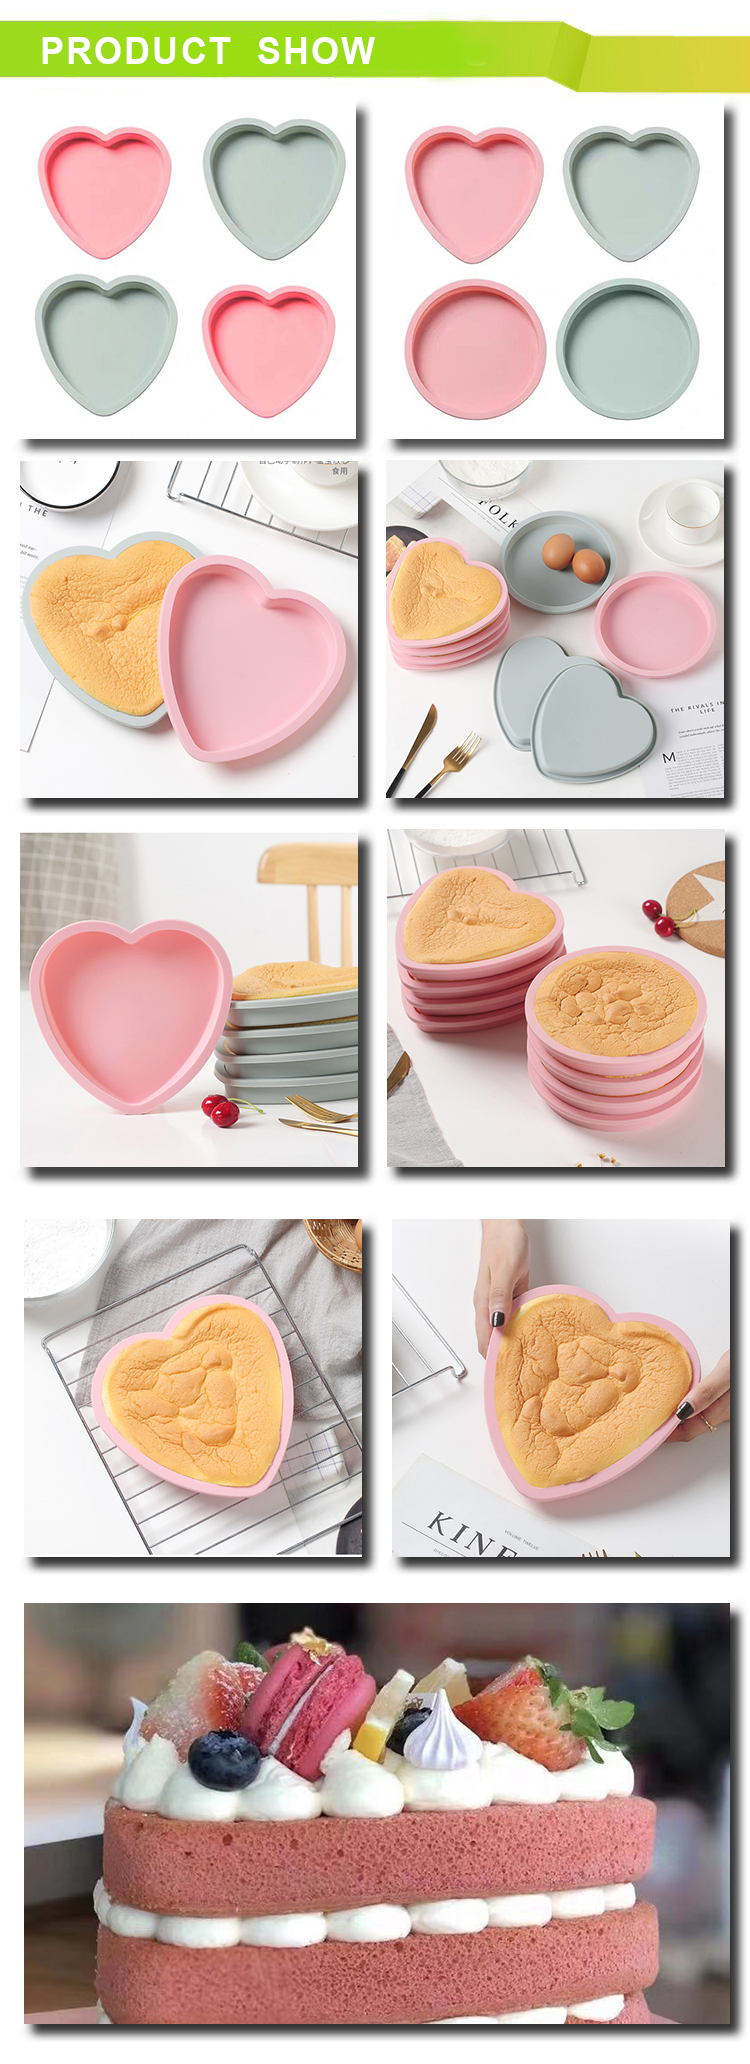 Amazon heißer verkauf Einfach Backen Lebensmittel grade Backen Pfannen herz silikon Kuchen Form pan set (set von 4)